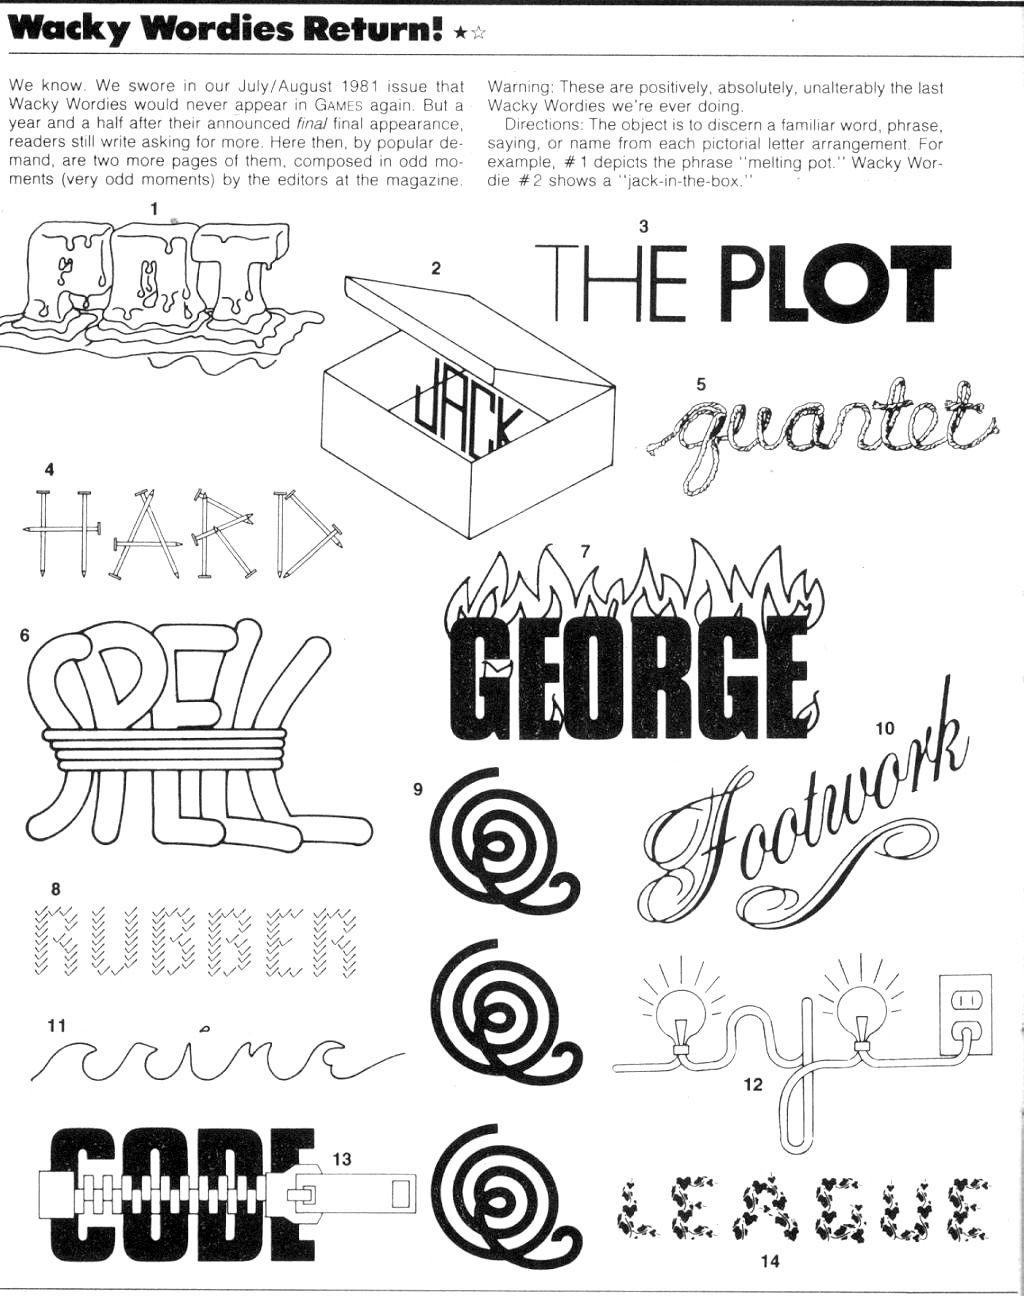 Workbooks wacky wordies worksheets : Wackie Wordies #62 | FYI | Pinterest | Word games